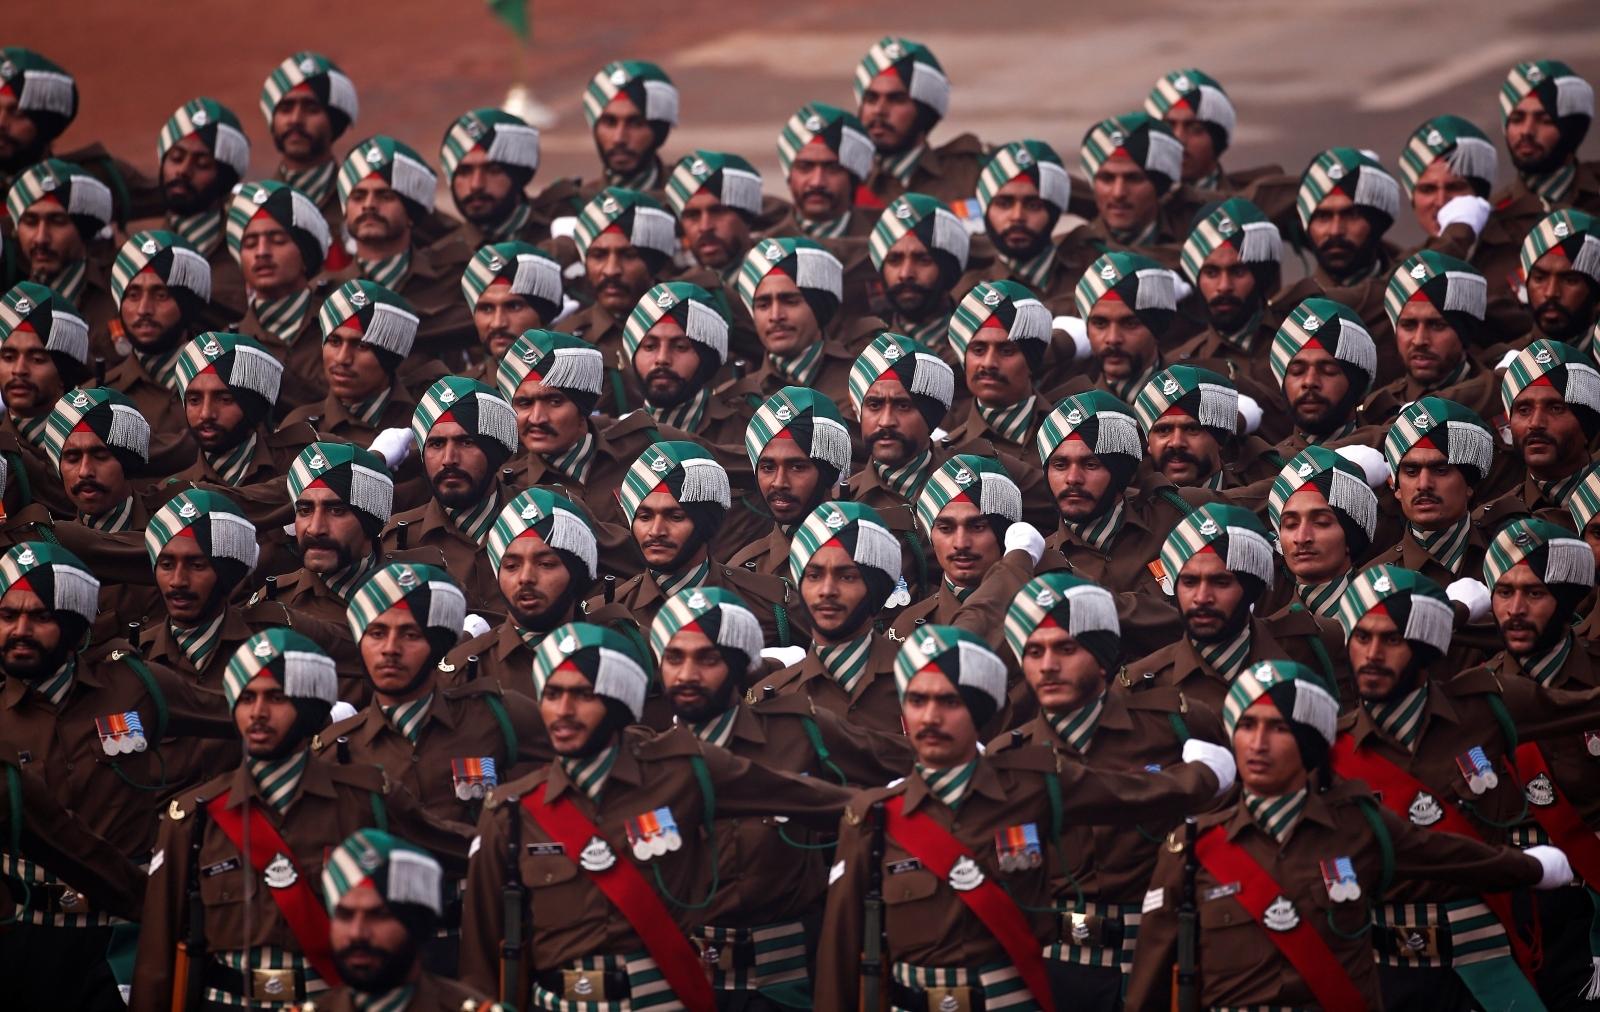 India Republic Day parade in New Delhi